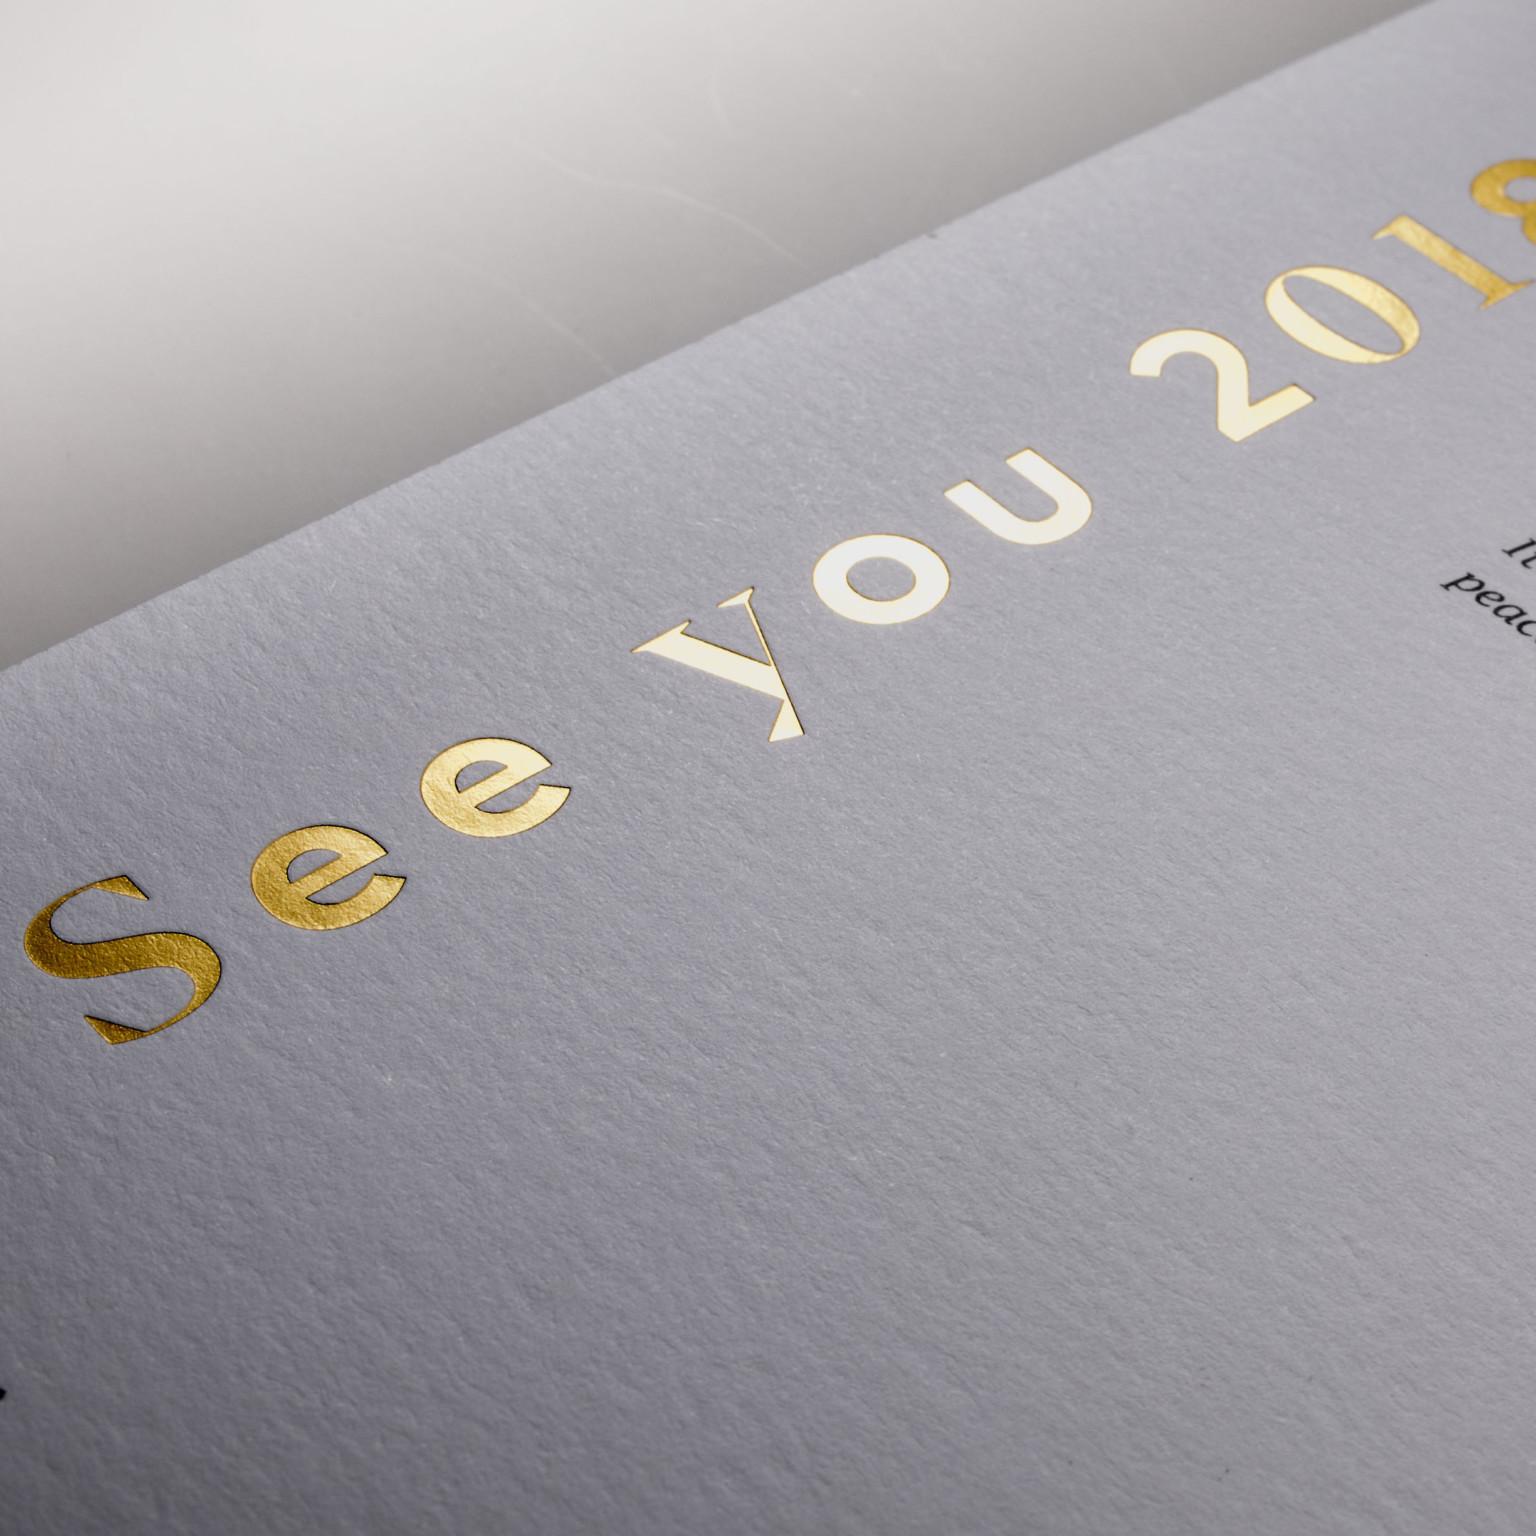 Neujahrskarte mit goldender Heißfolie, sehr haptisches Erlebnis